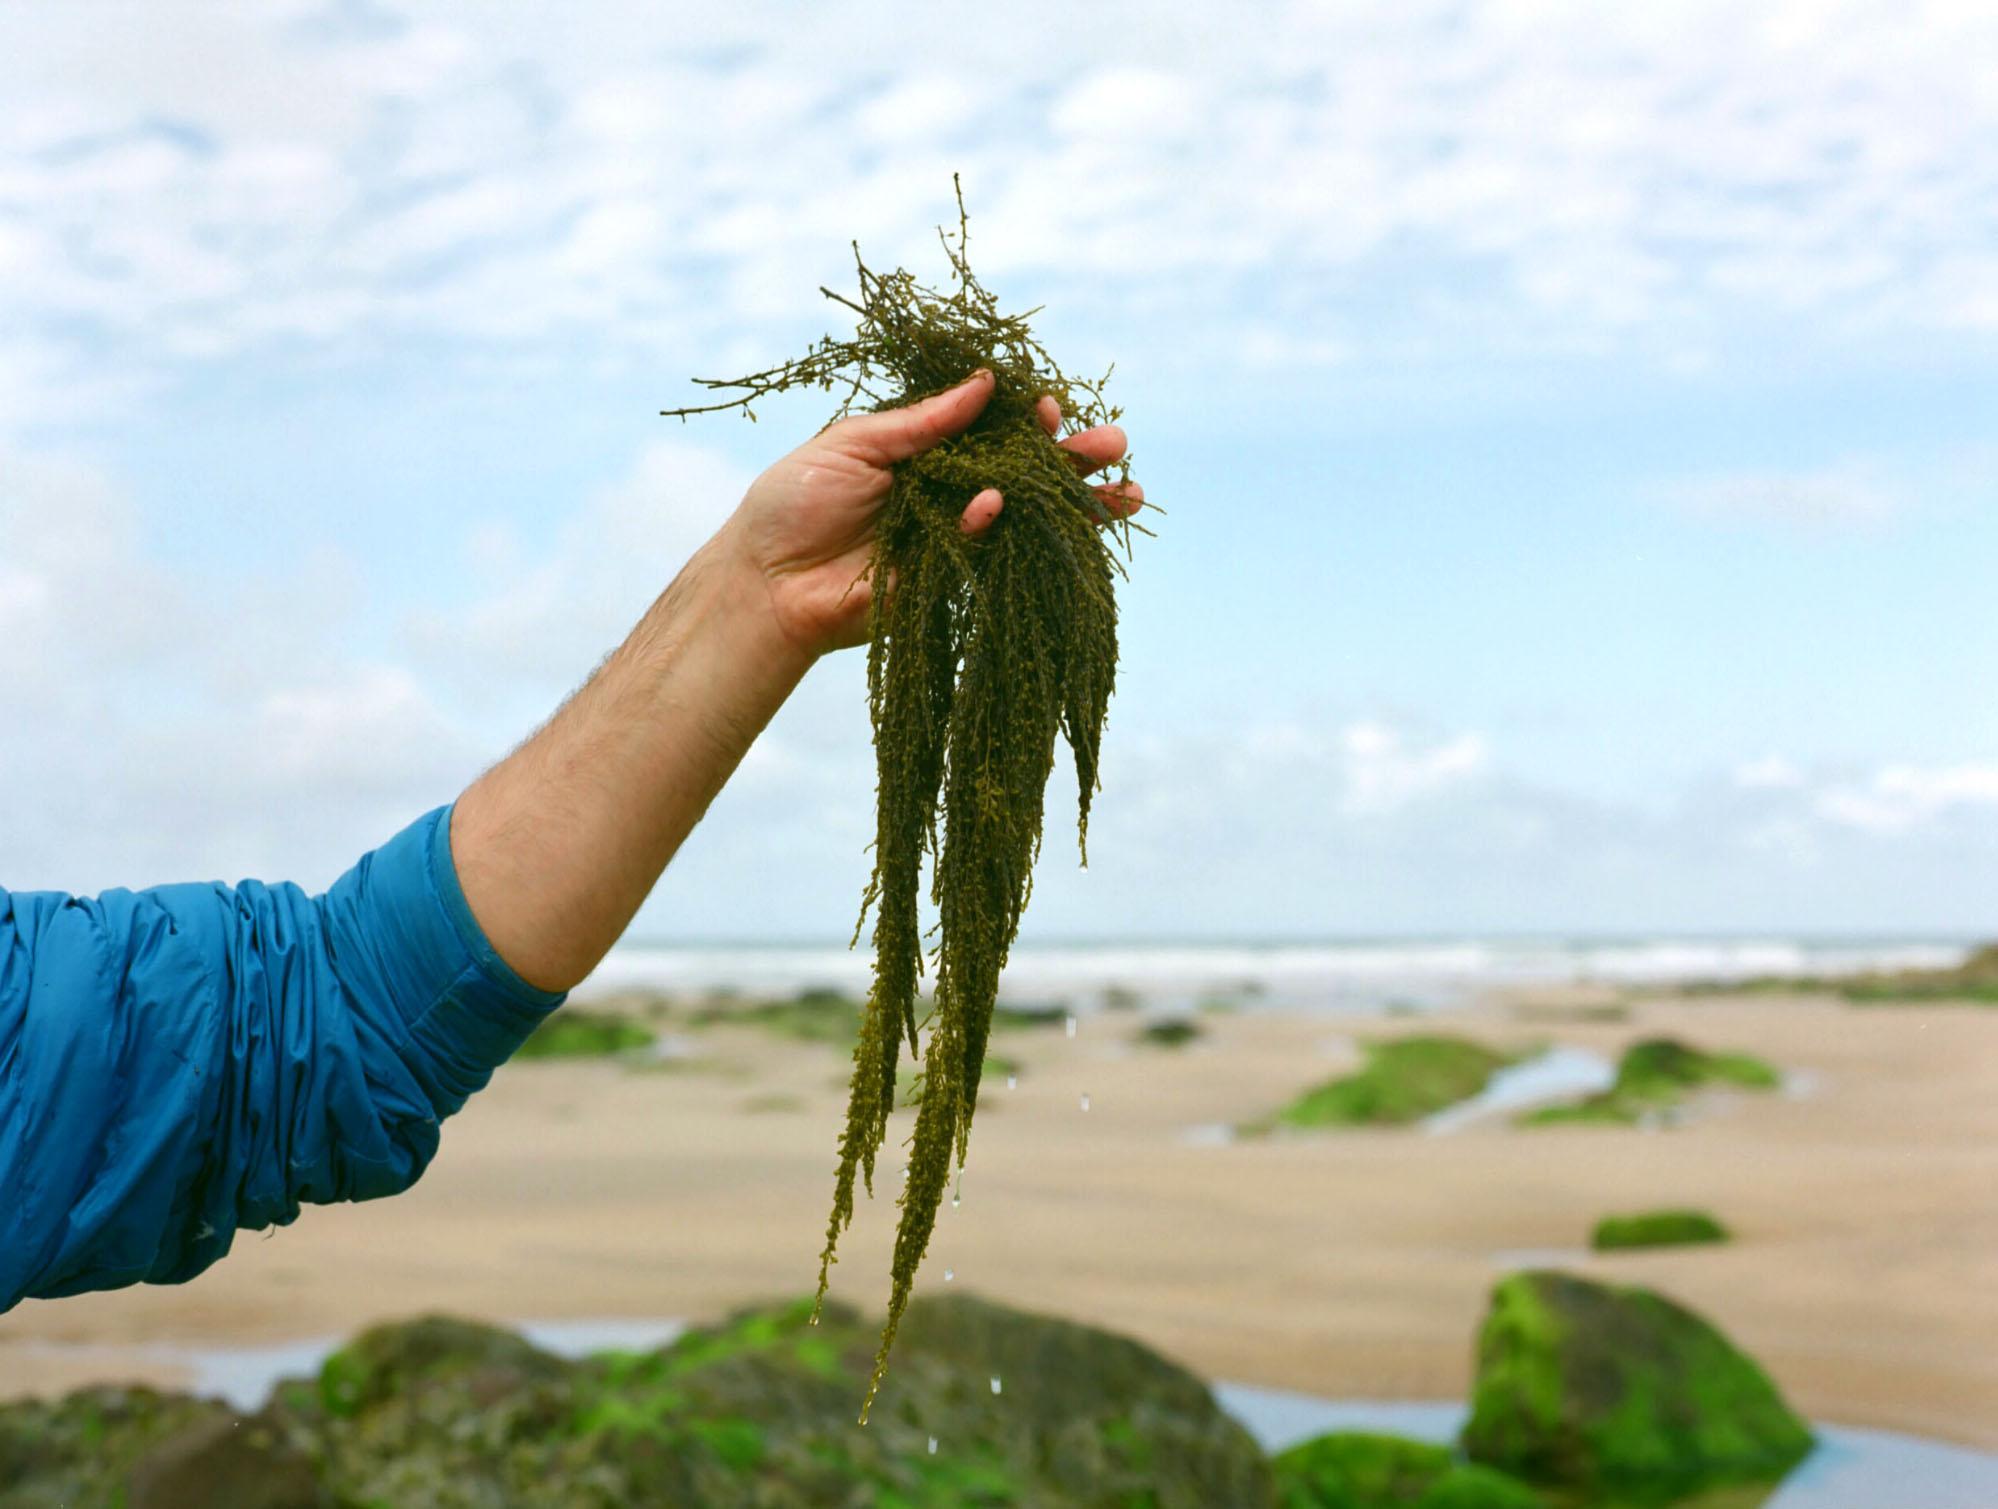 PembrokeshireBeachfood07.jpg